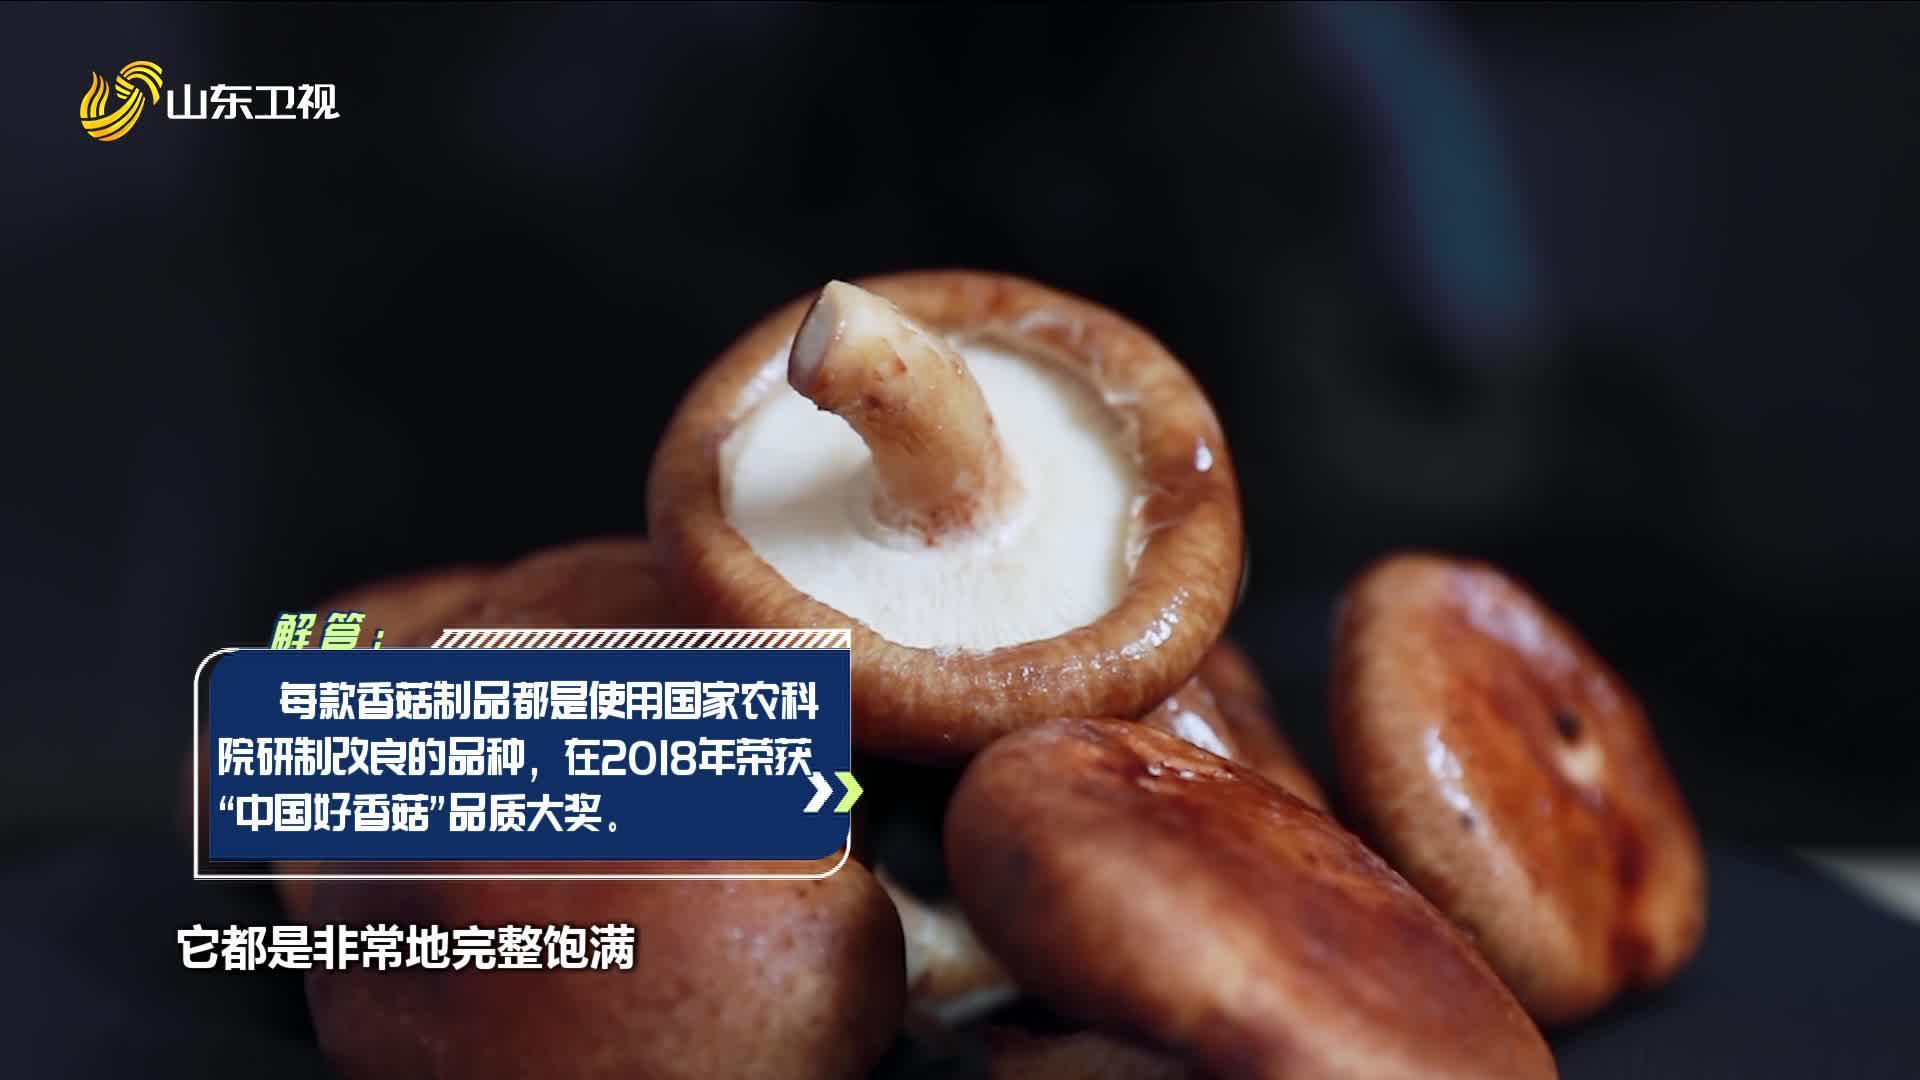 """严选时刻:是否存有""""香菇制品潜规则""""?"""